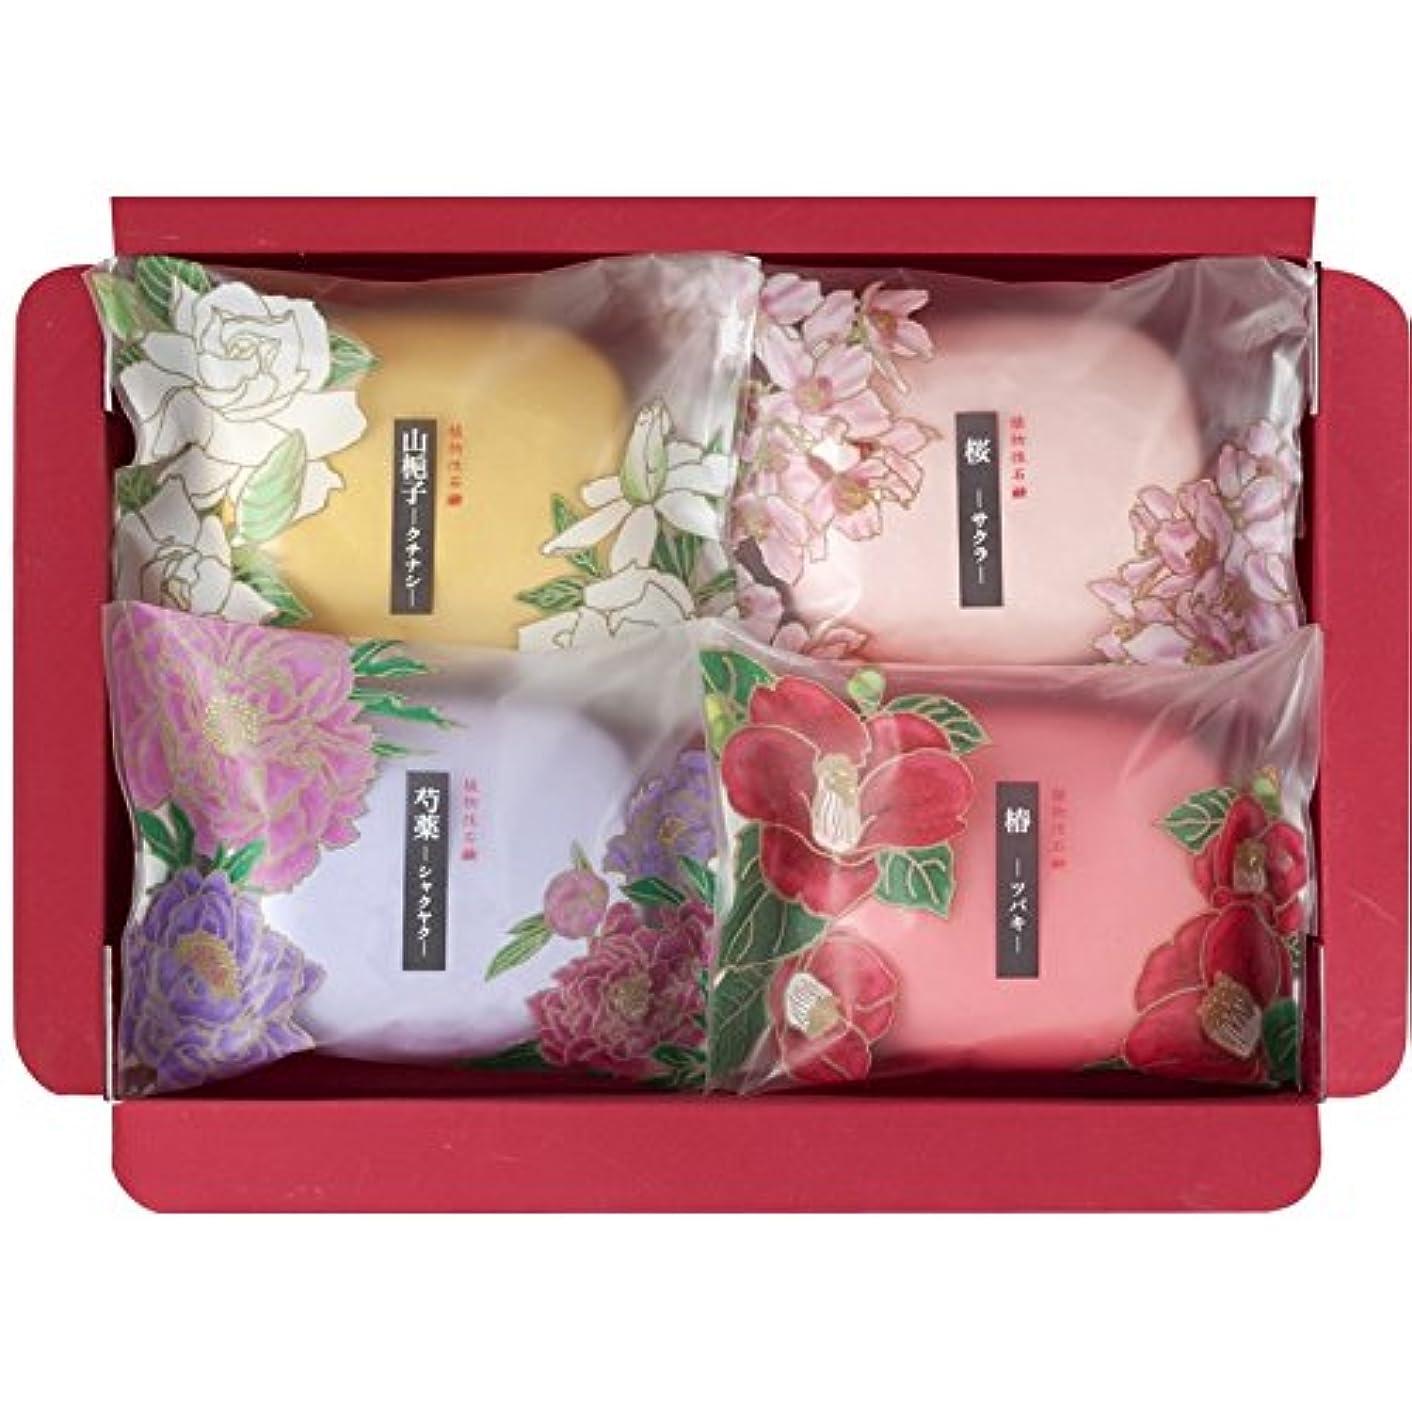 アッパー隣接するパーチナシティ彩花だより 【固形 ギフト せっけん あわ いい香り いい匂い うるおい プレゼント お風呂 かおり からだ きれい つめあわせ 日本製 国産 500】